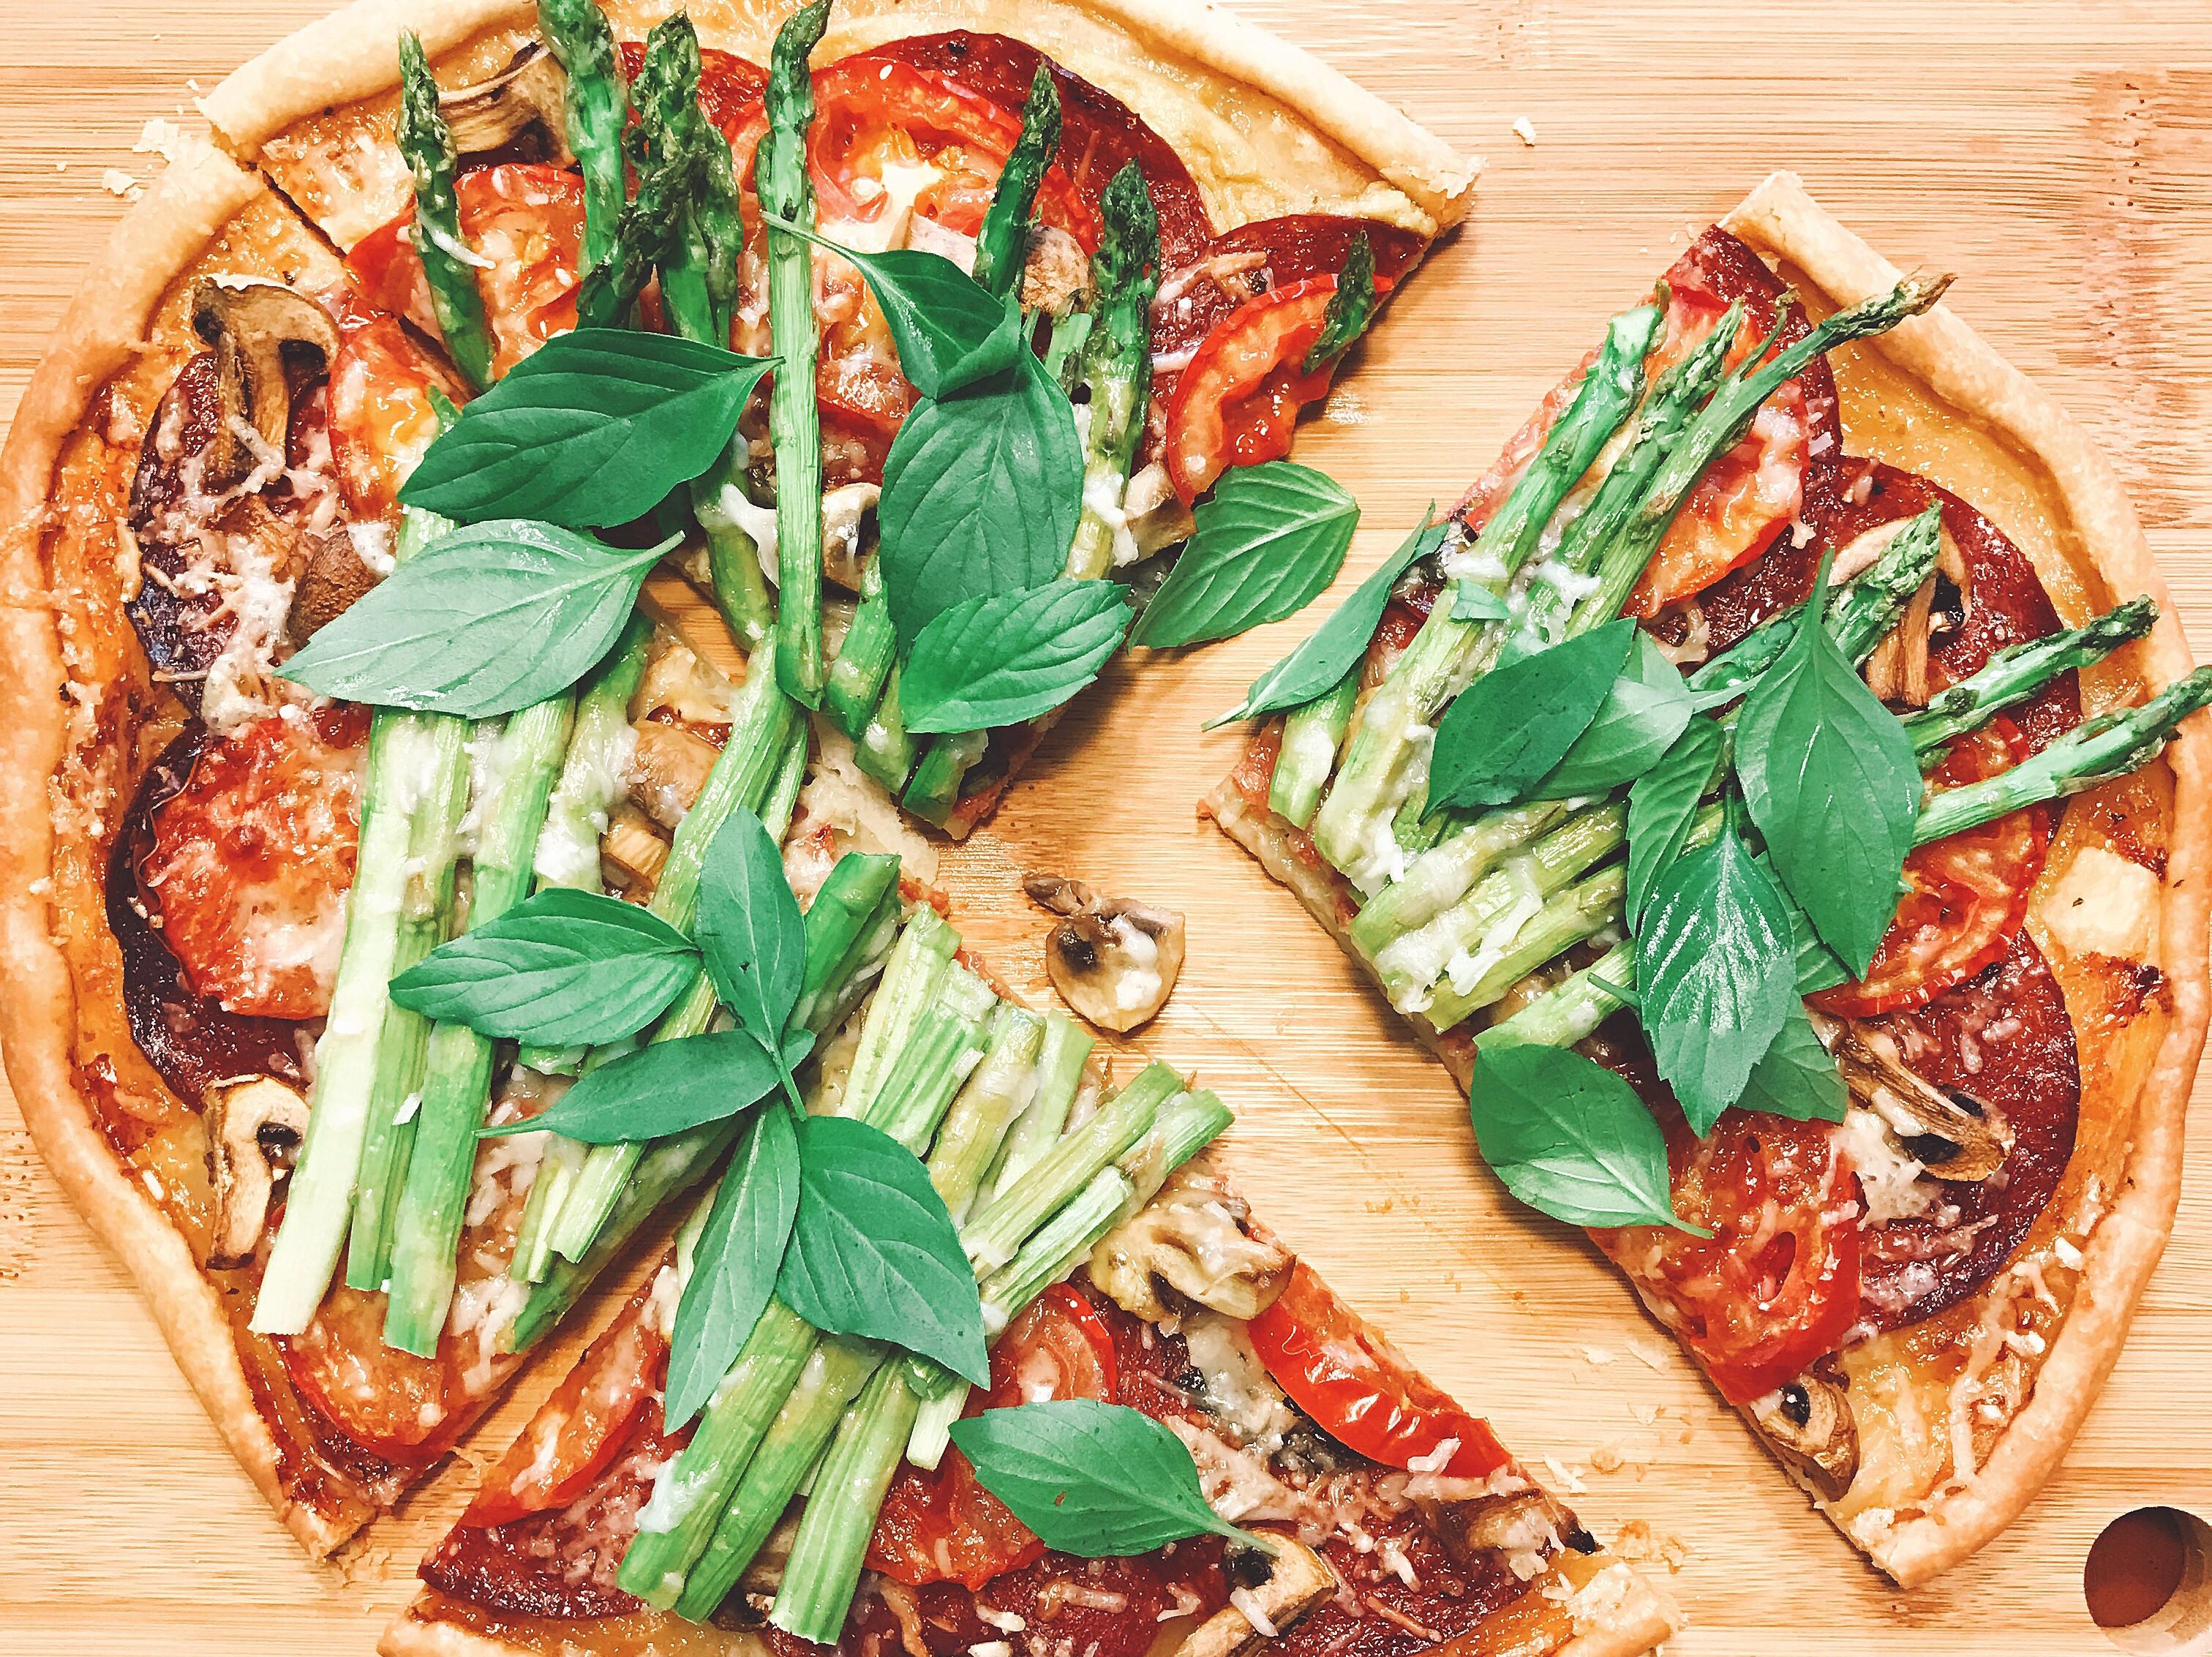 義式薄皮披薩 Pizza